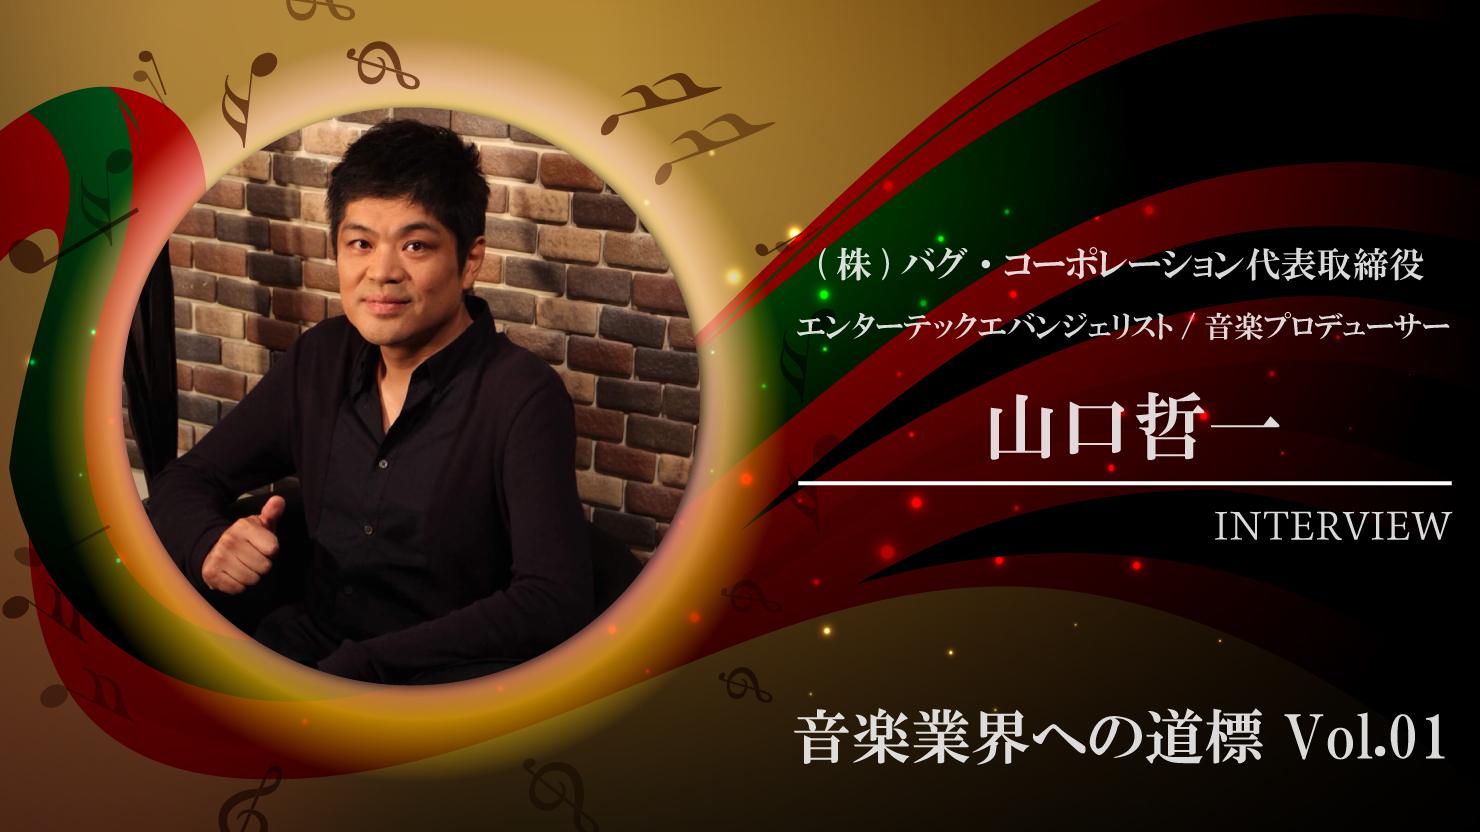 Signpost-to-the-music-industry-no01_norikazu-yamaguchi